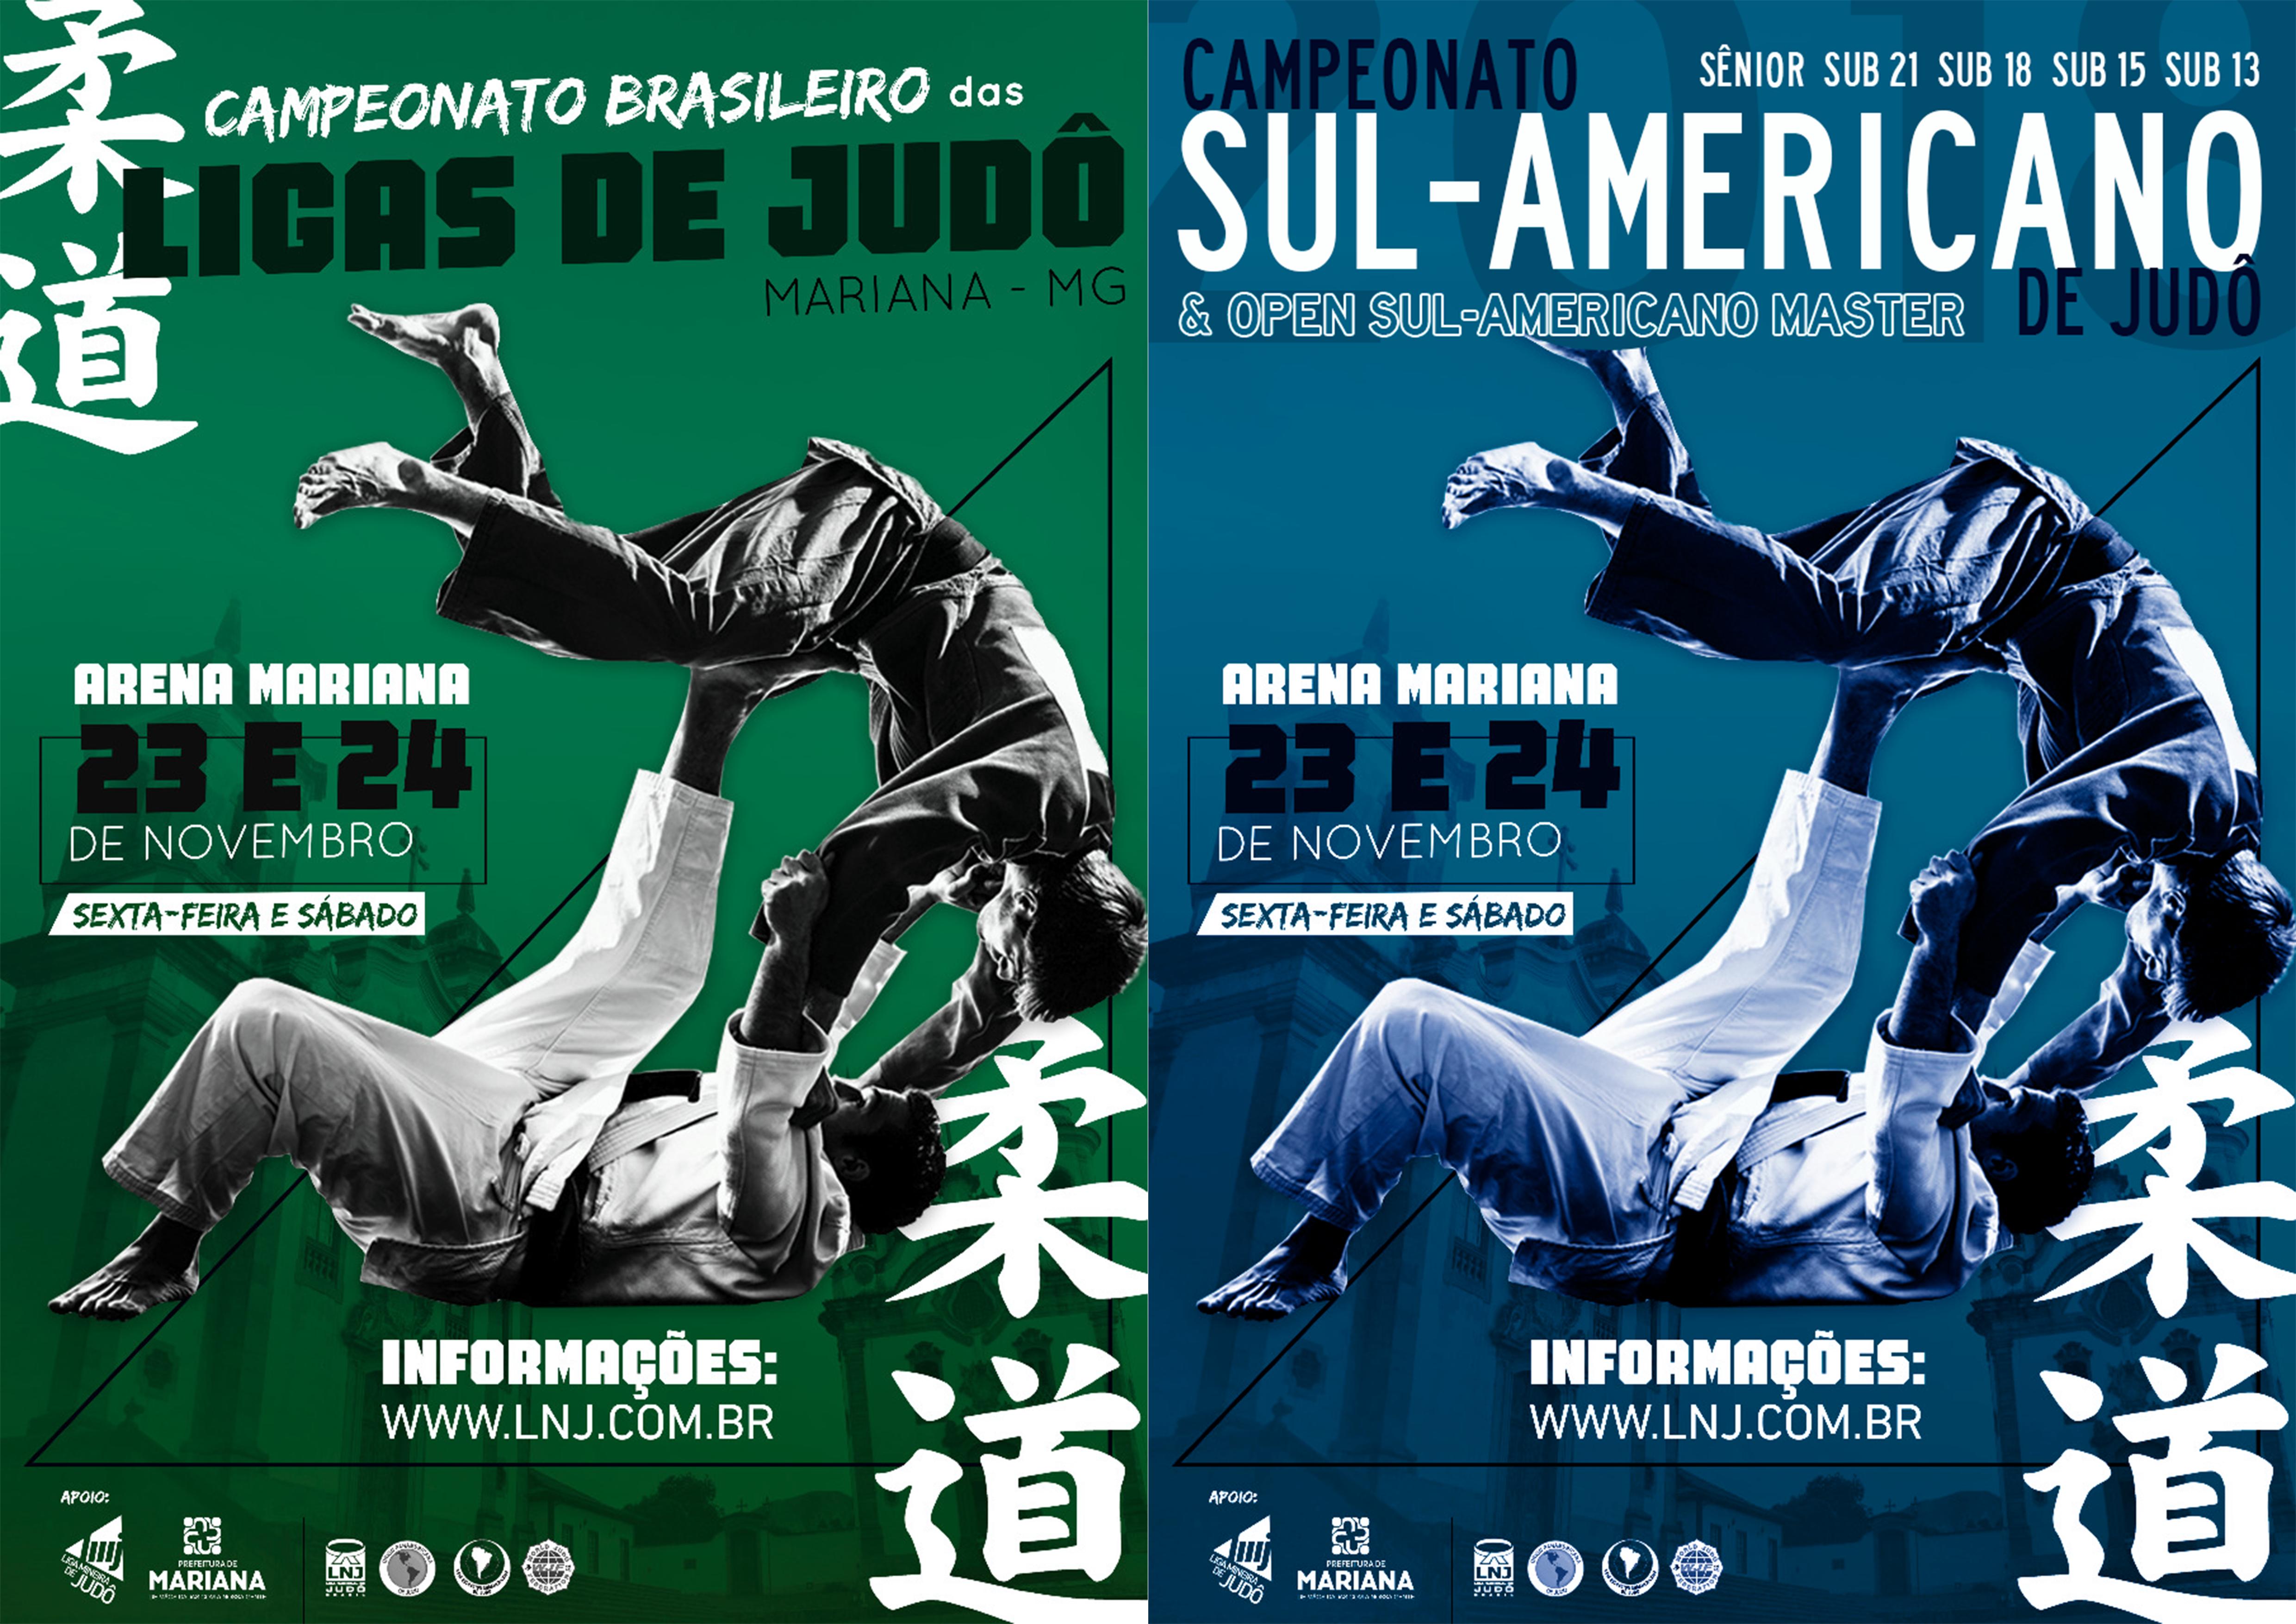 BRASILEIRÃO & SUL-AMERICANO 2018